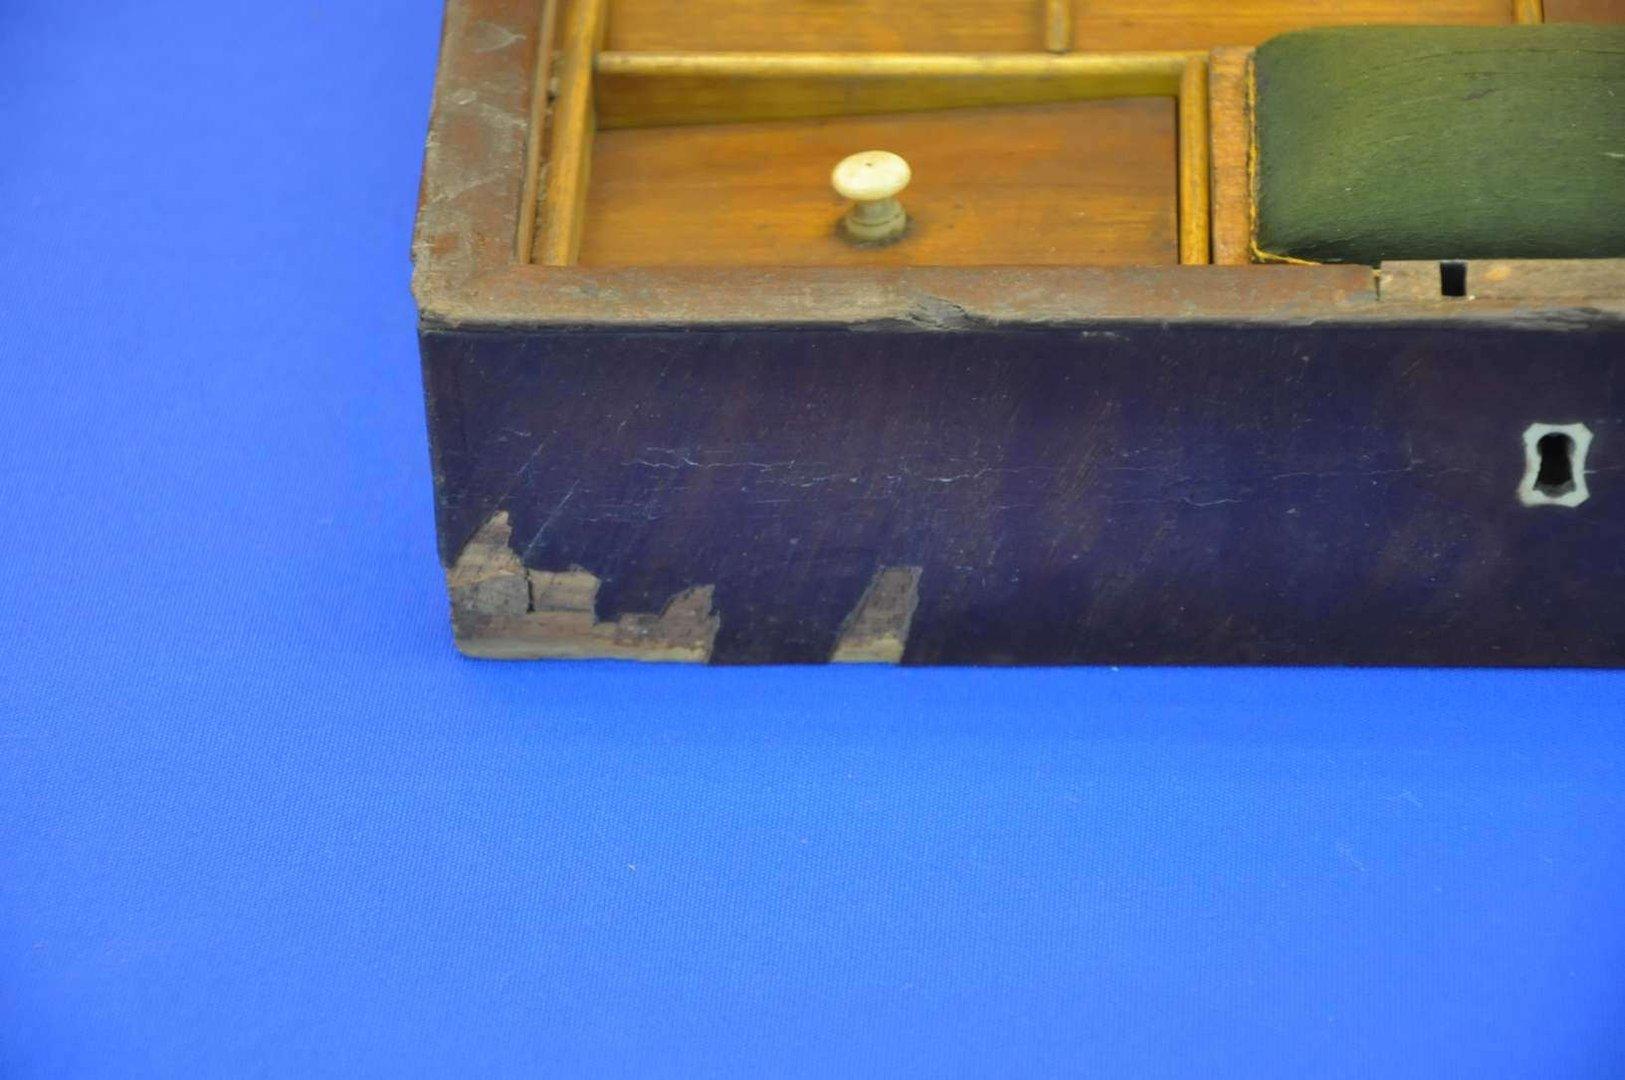 biedermeier n hkasten mit kn pfen um 1840 1870 bei shop kusera. Black Bedroom Furniture Sets. Home Design Ideas